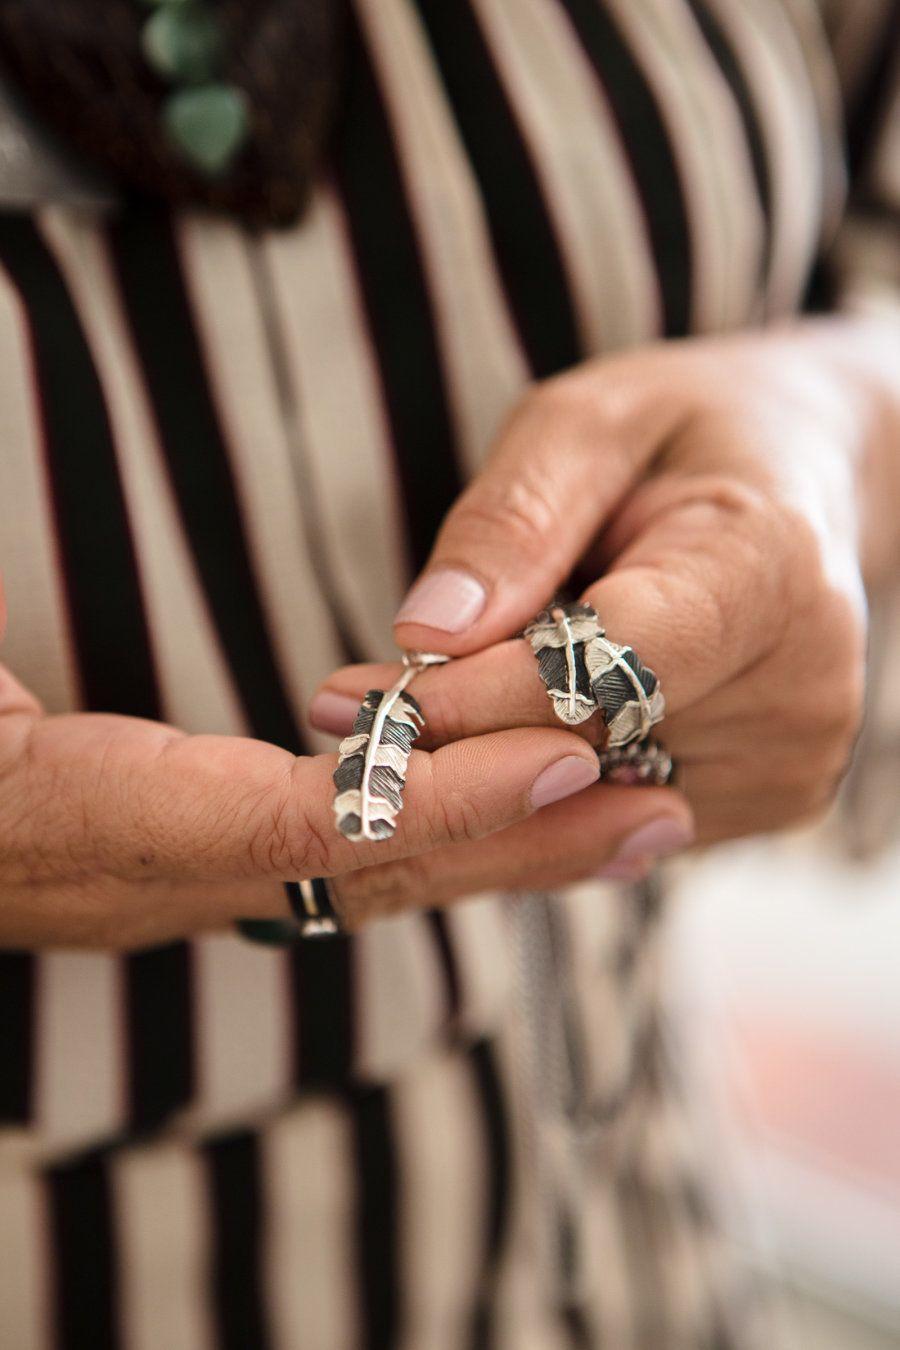 Para a designer de joias manauara, materiais que iriam para o descarte valem ouro -- e também